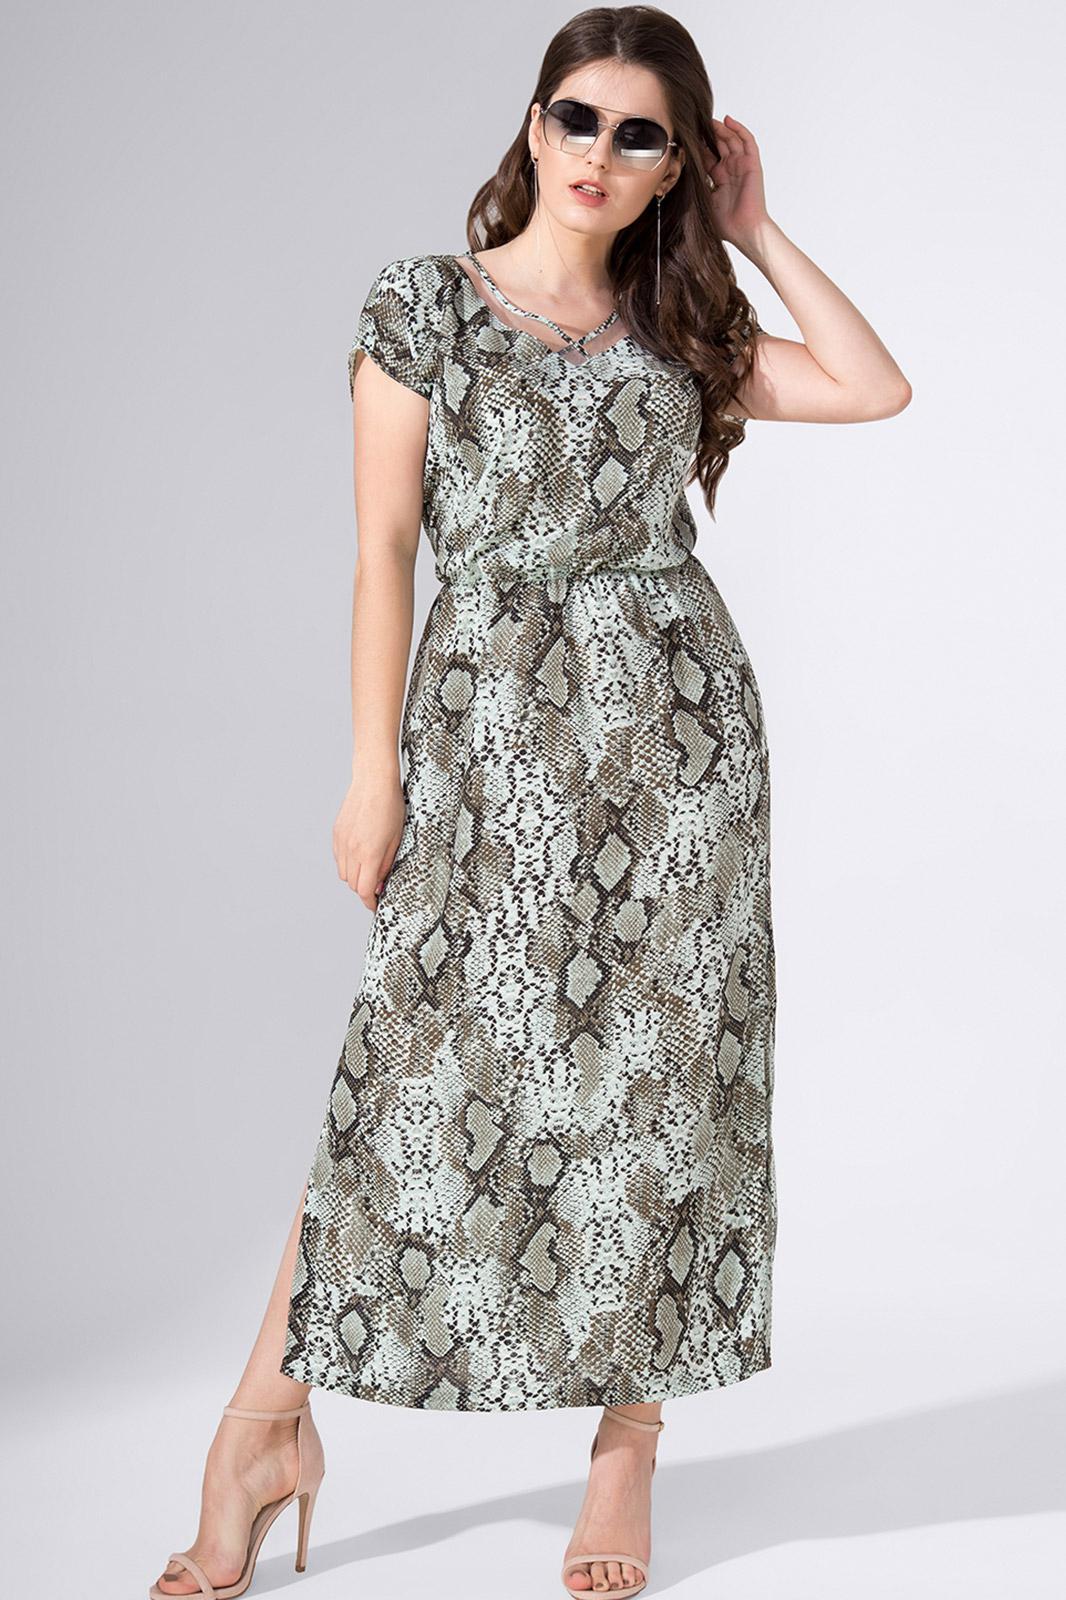 bb24d42249f Купить длинное платье в Минске. Длинное платье в пол